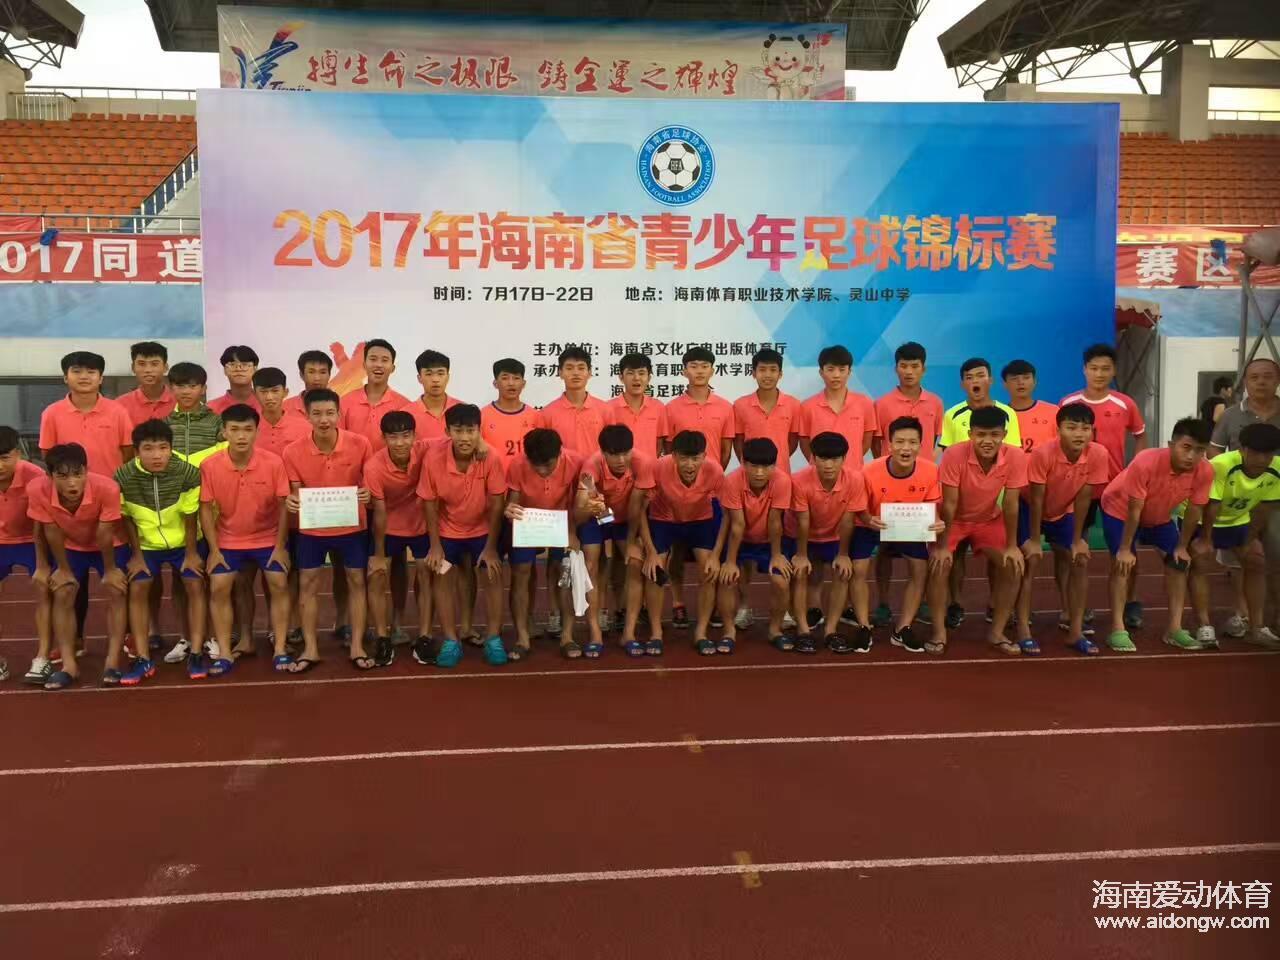 2017年海南省青少年足球锦标赛落幕 海口一队夺冠